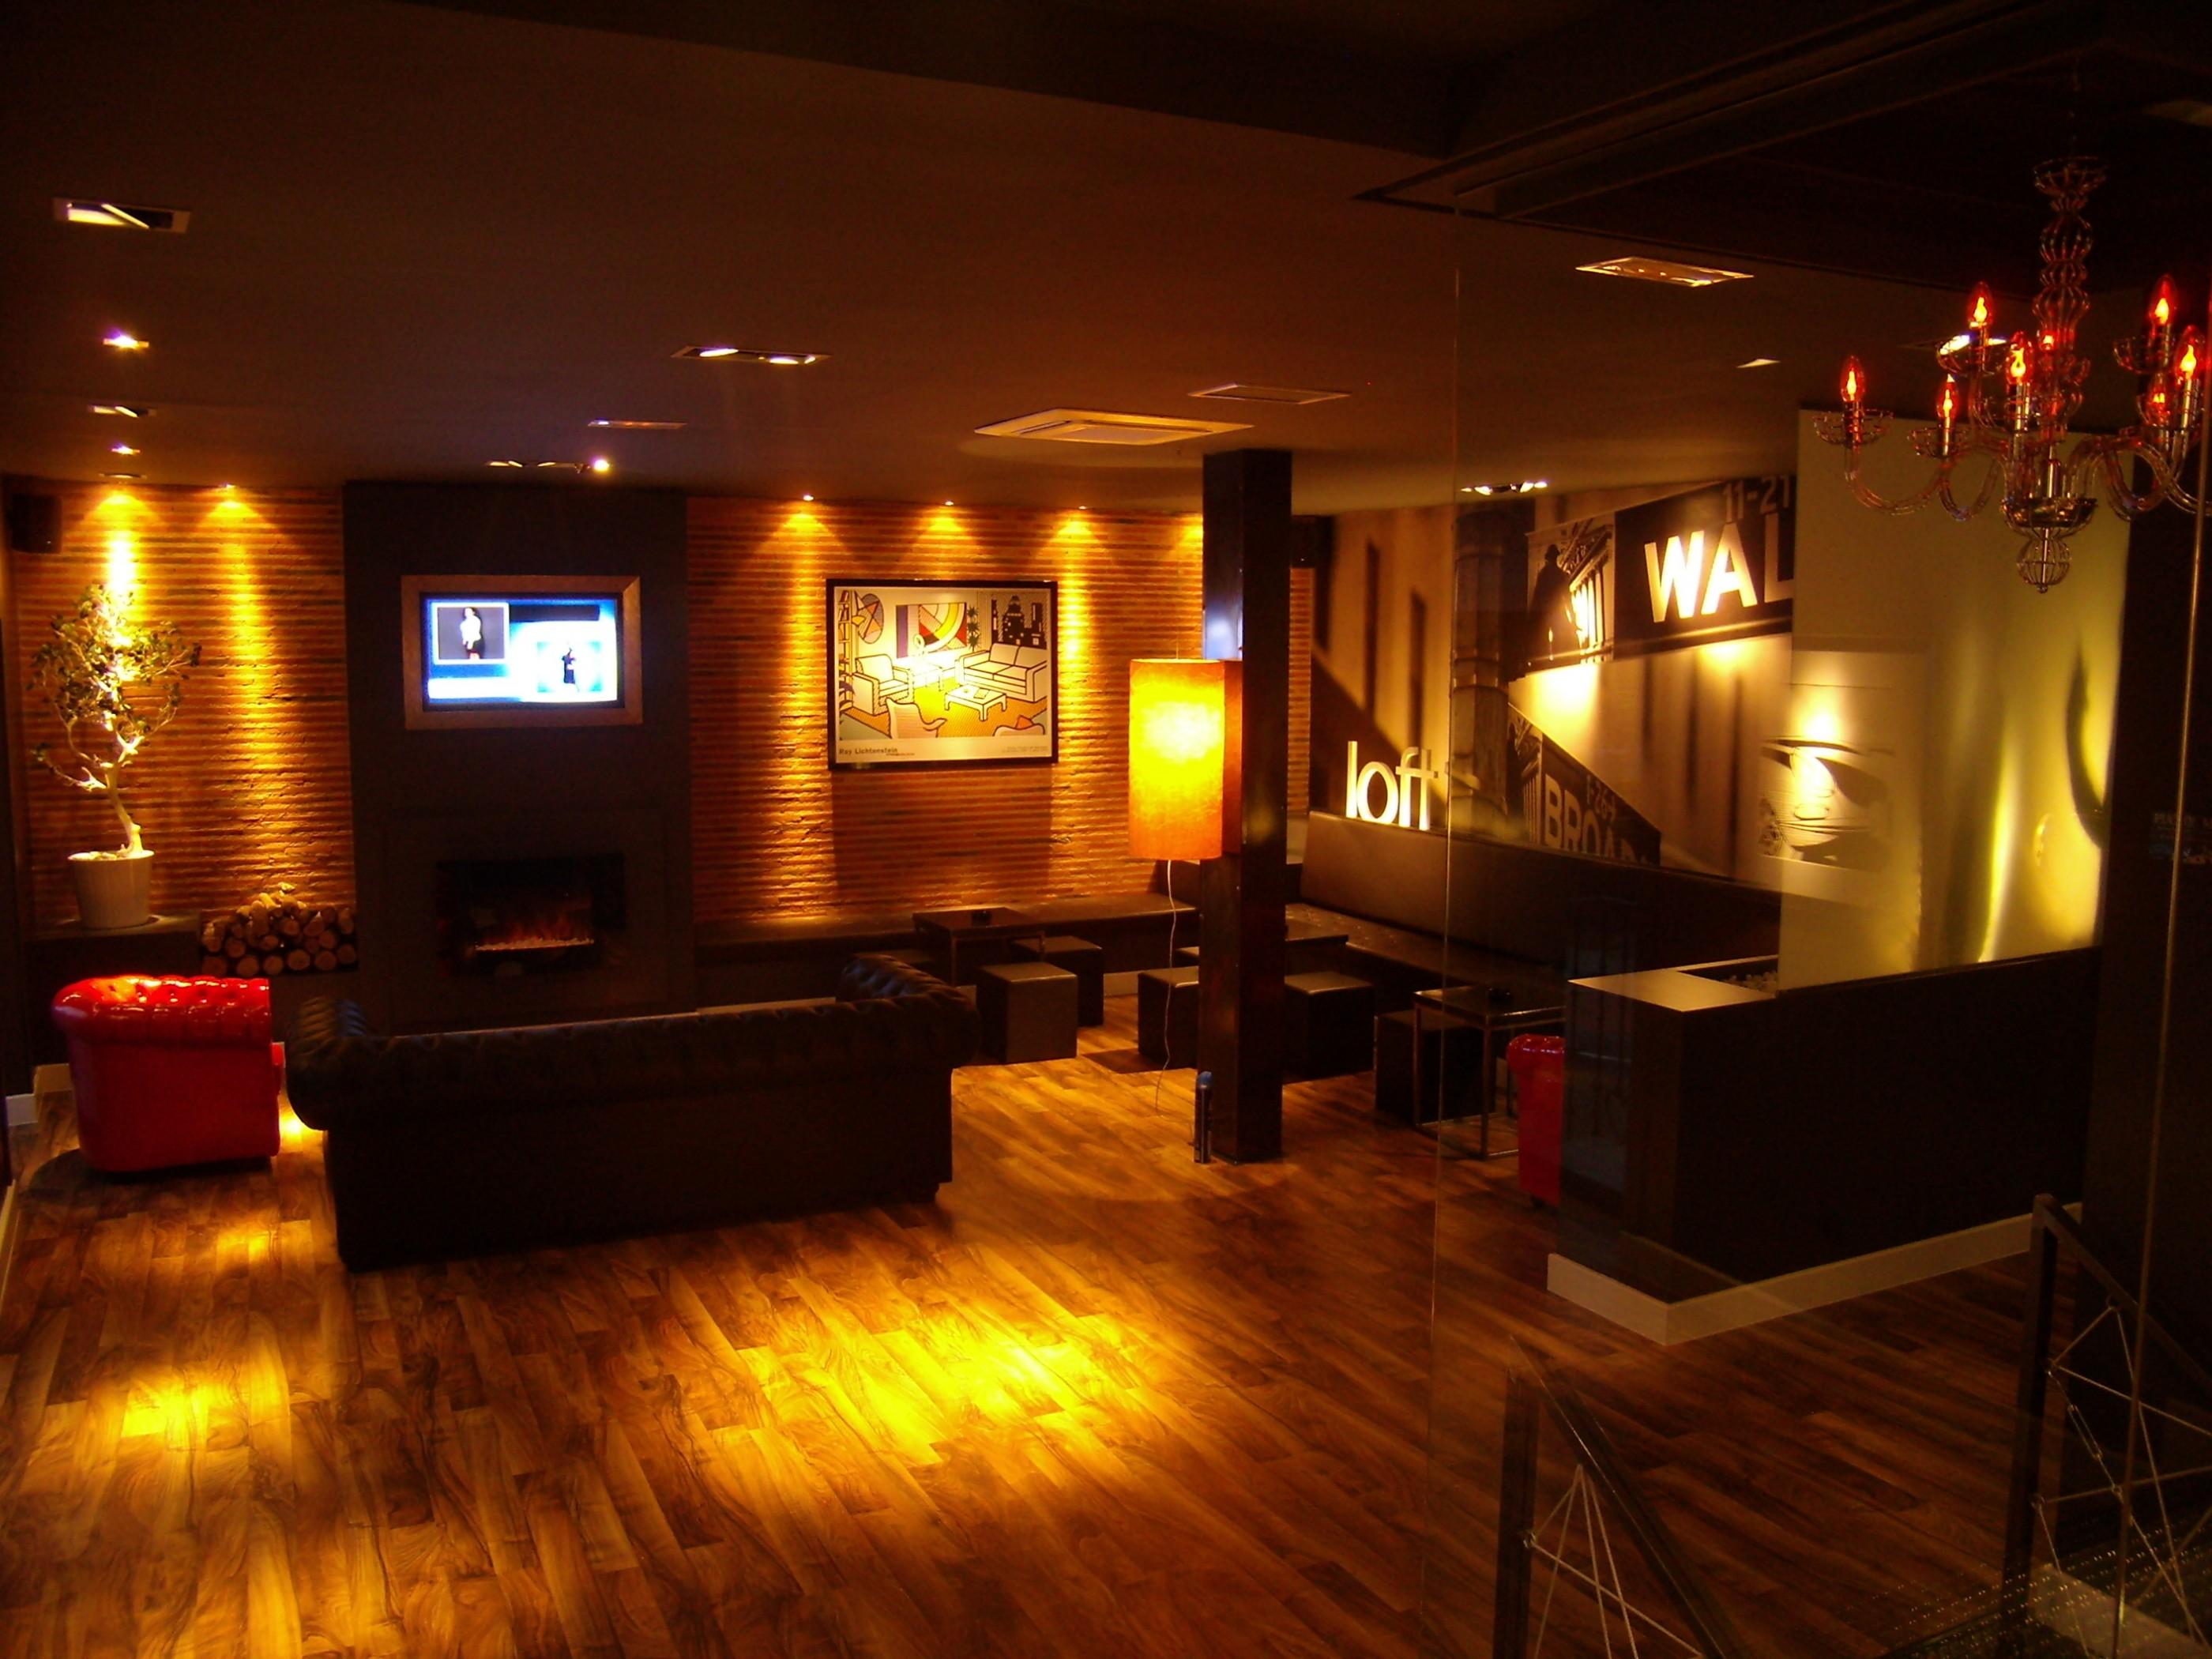 Bar loft boecillo audiolid - Decoracion de bares de copas ...